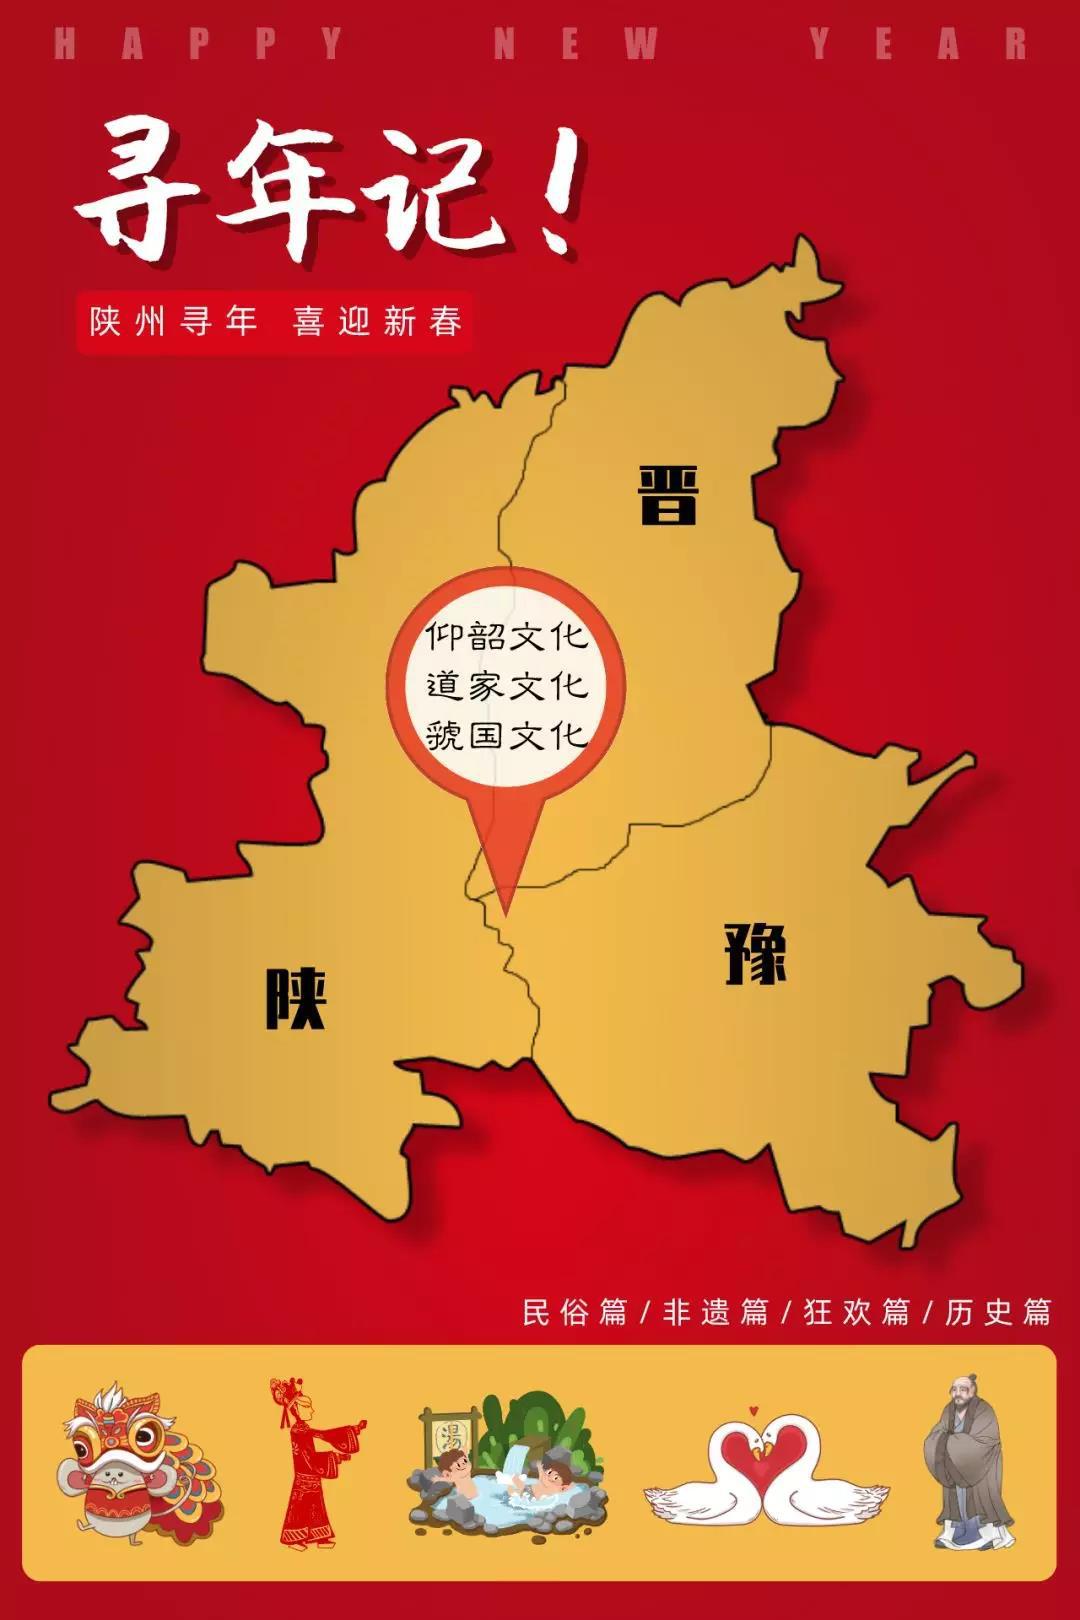 【寻年记】陕州寻年,喜迎新春!